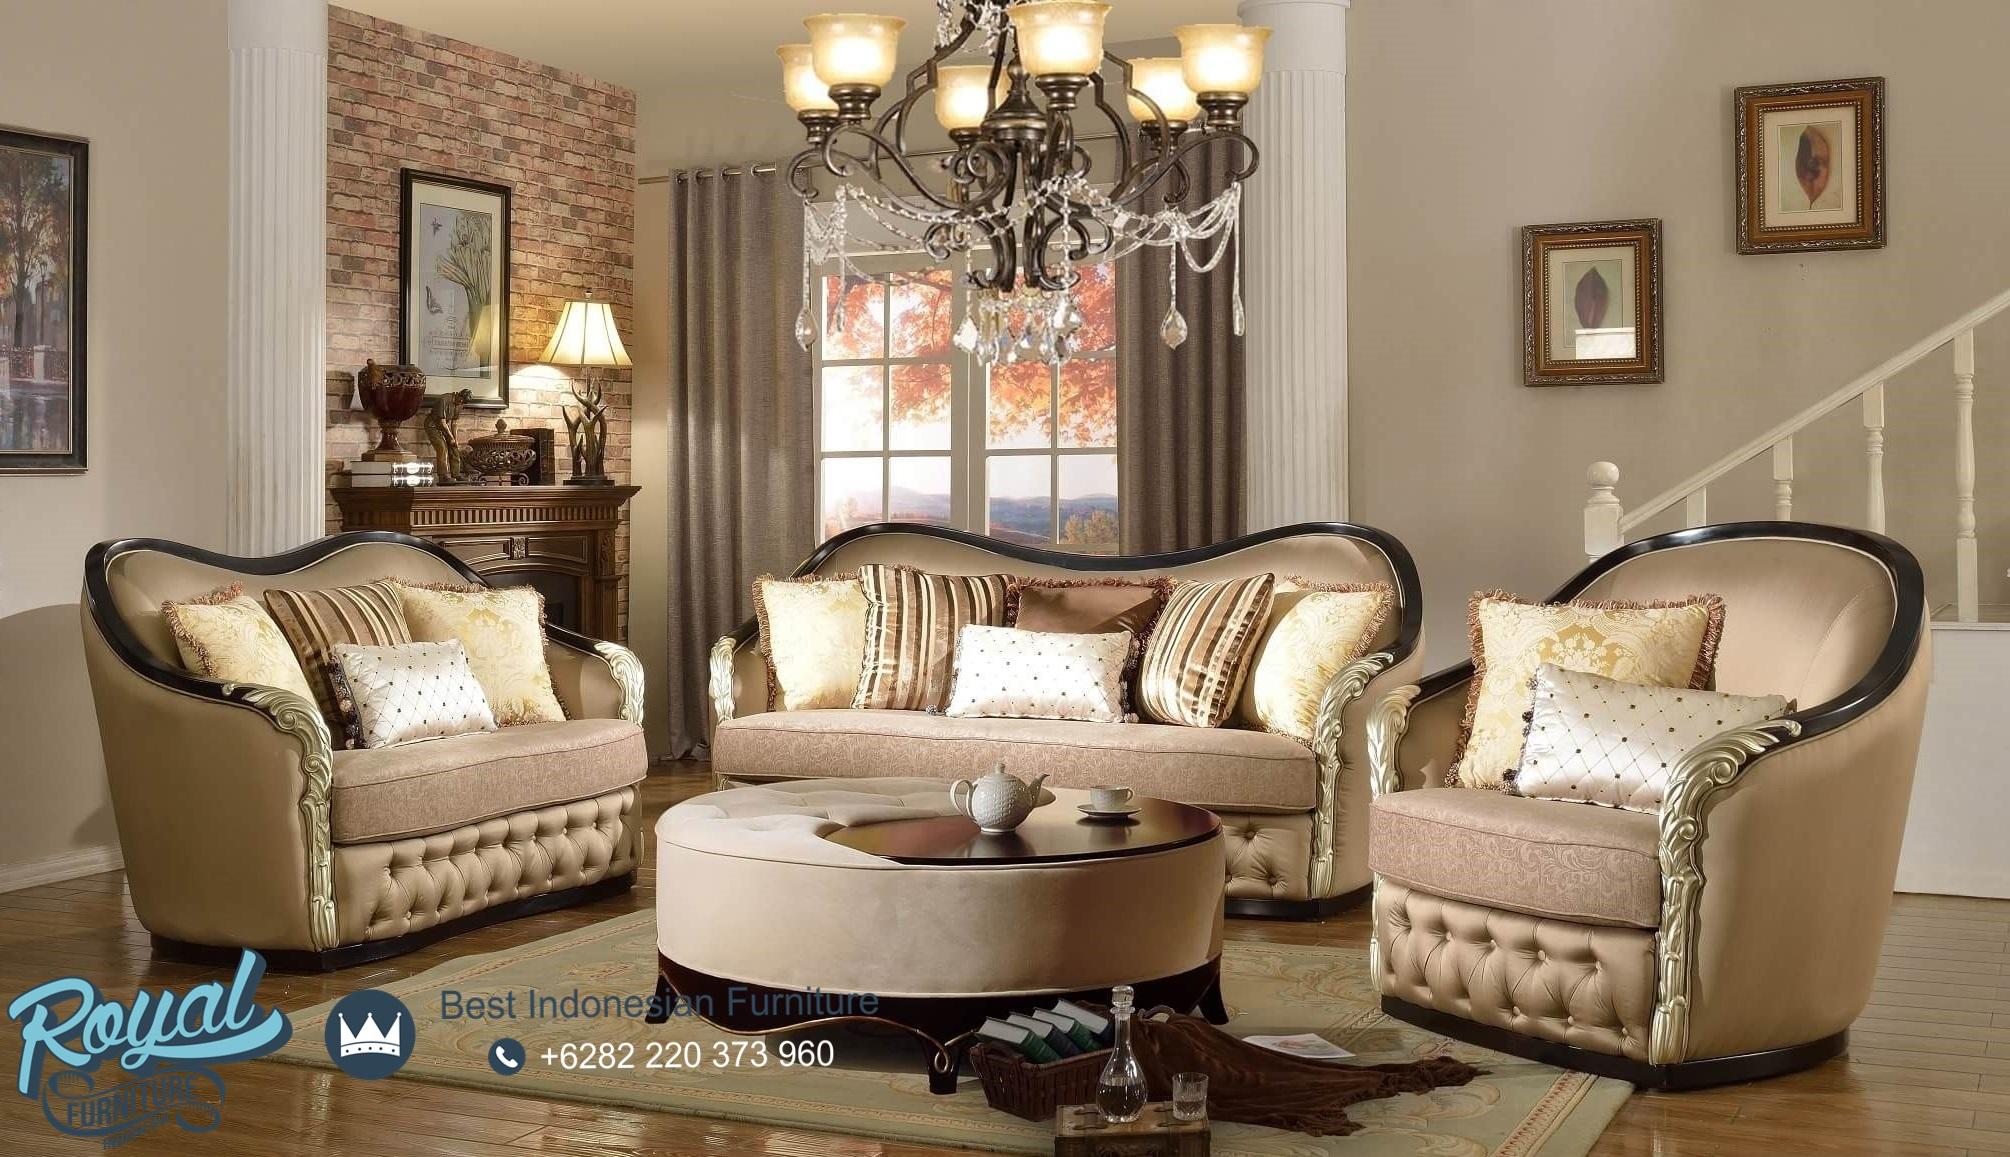 Kursi Sofa Tamu Mewah Terbaru Roselyn Wood, set sofa tamu mewah, set sofa tamu klasik, set sofa tamu minimalis, set sofa tamu modern, set sofa tamu jepara terbaru, set sofa ruang keluarga, furniture jepara, set kursi tamu jati jepara, sofa jati ukiran, model sofa tamu terbaru, kursi tamu mewah, kursi sofa tamu sudut, sofa tamu minimalis, sofa tamu ukiran jepara, kursi sofa tamu ukir jepara, sofa tamu jati jepara, sofa tamu minimalis jati, sofa mewah minimalis, kursi tamu sofa mewah, sofa mewah modern, kursi tamu mewah minimalis, kursi tamu mewah modern, kursi mewah ruang tamu, kursi tamu mewah kualitas terbaik, sofa mewah minimalis, mebel jepara, royal furniture